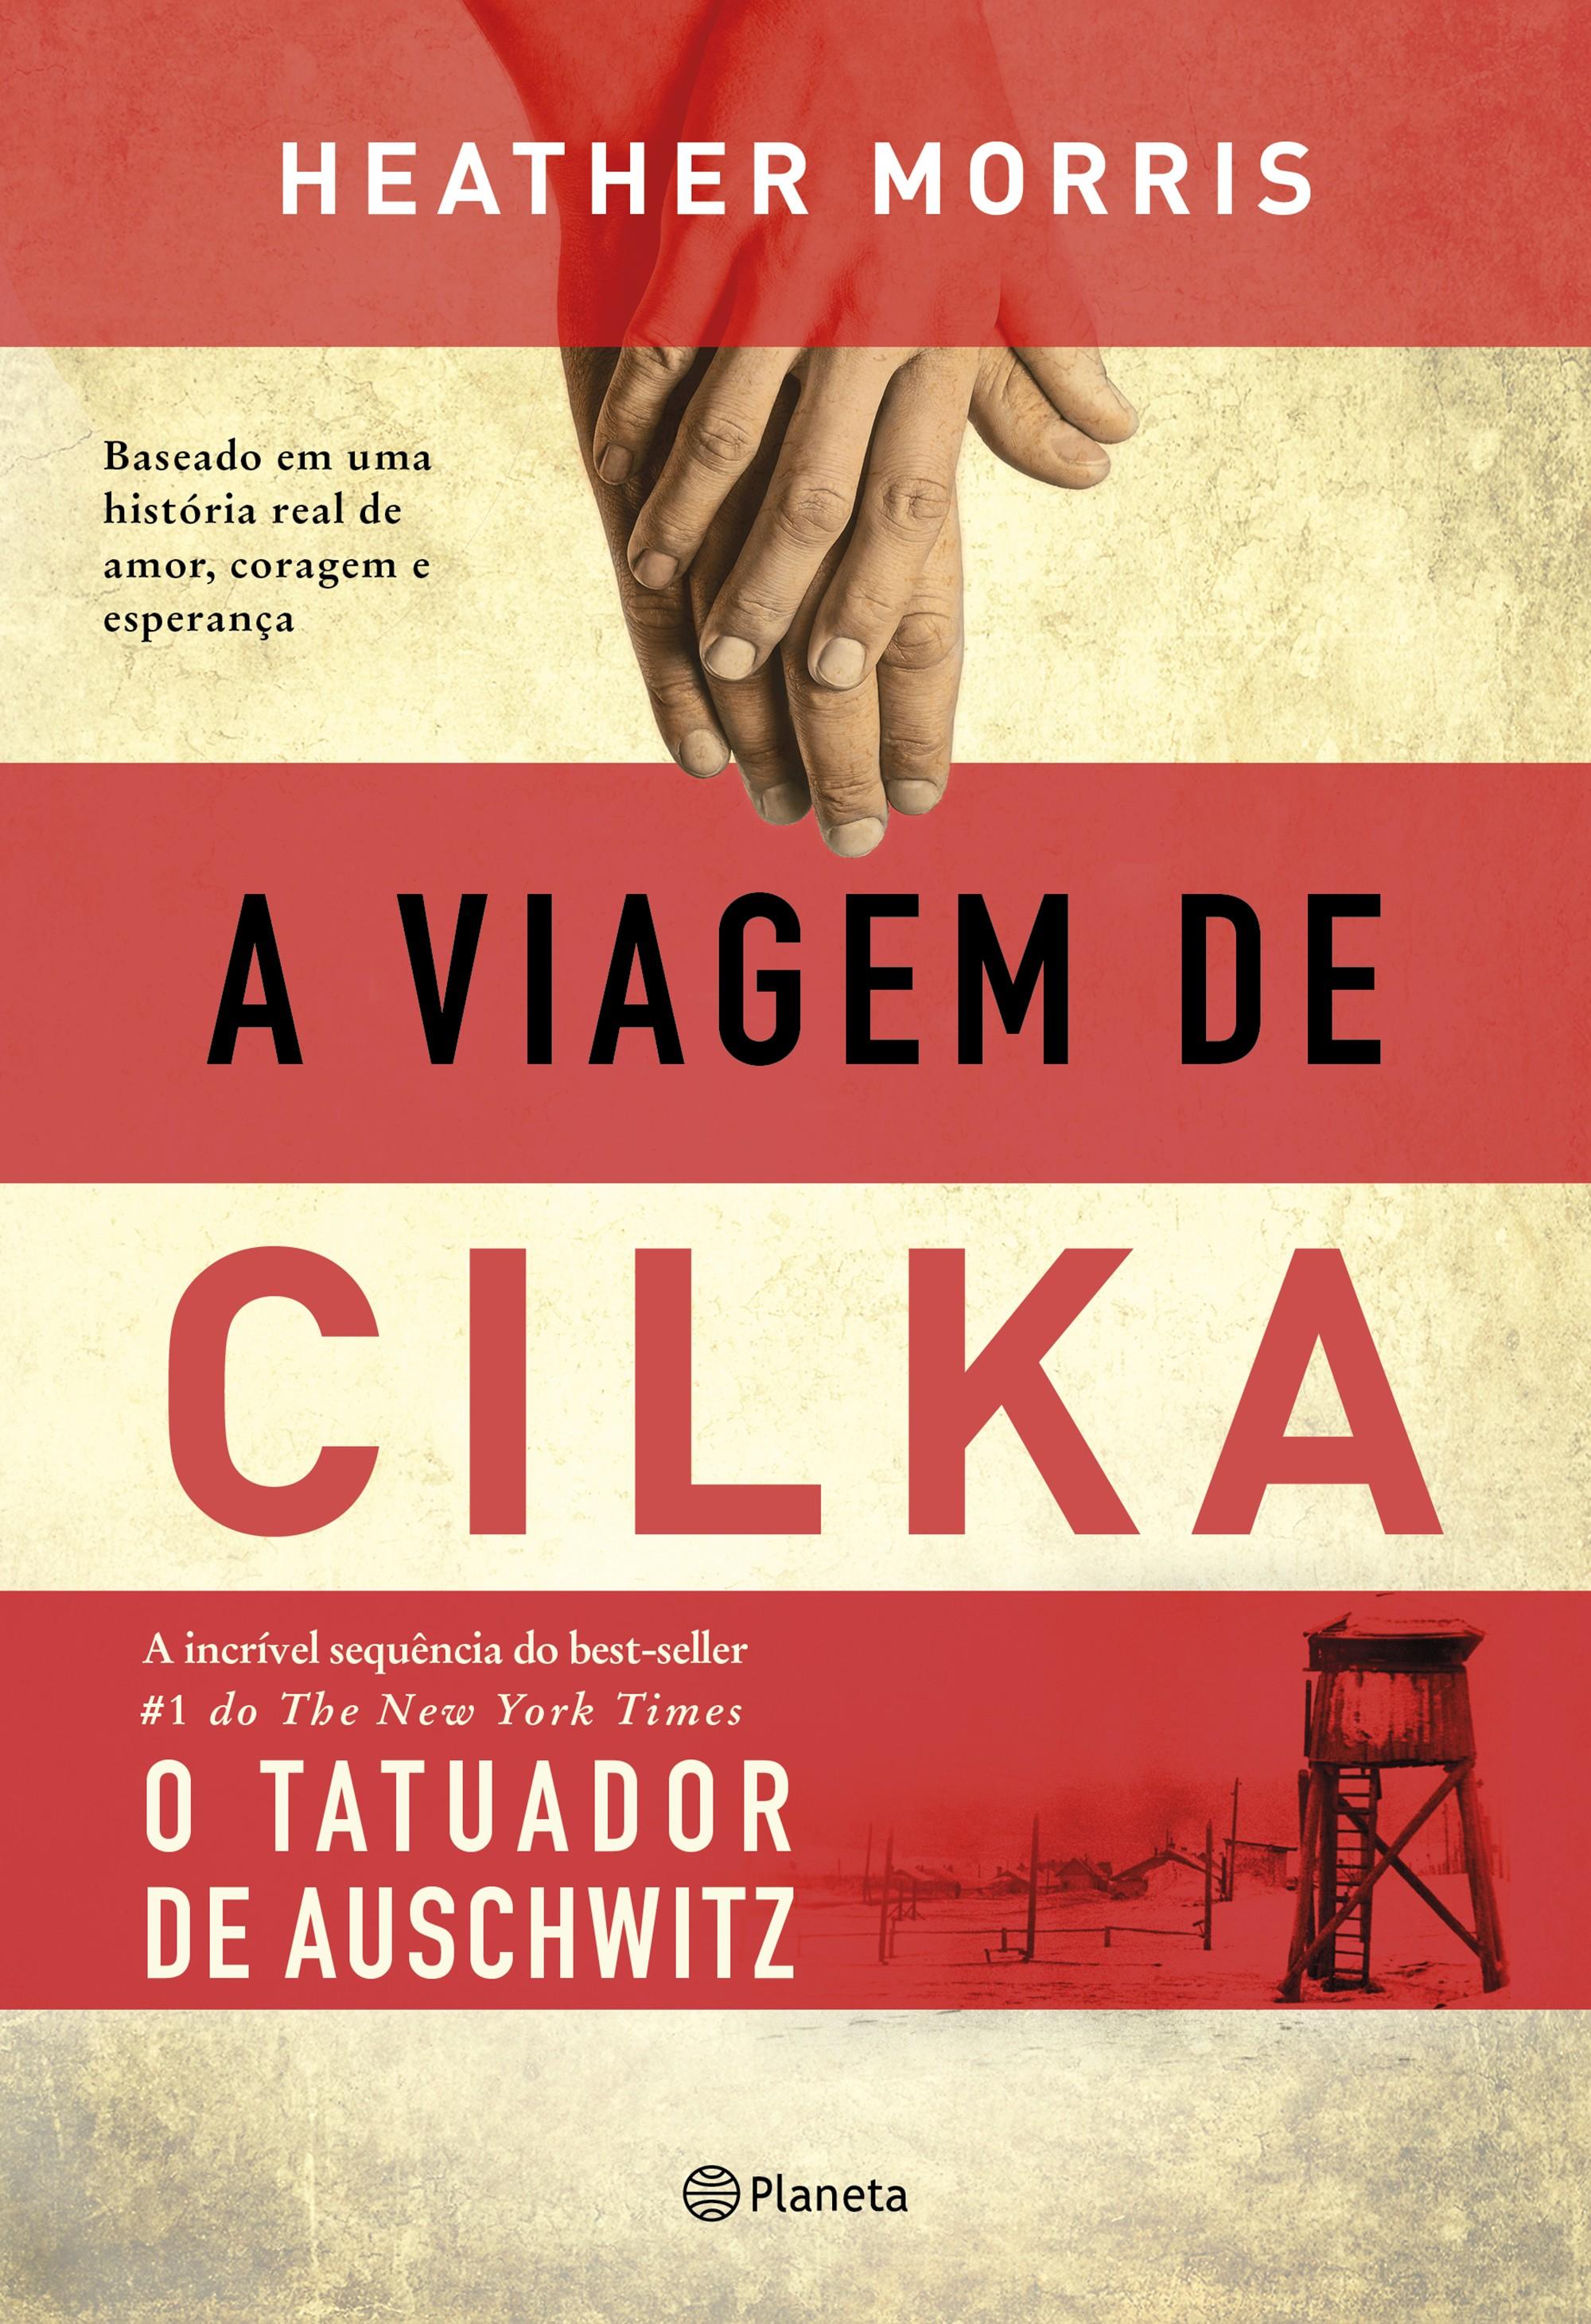 """Livro """"A Viagem de Cilka"""", lançado no Brasil pela Editora Planeta (Foto: Divulgação)"""